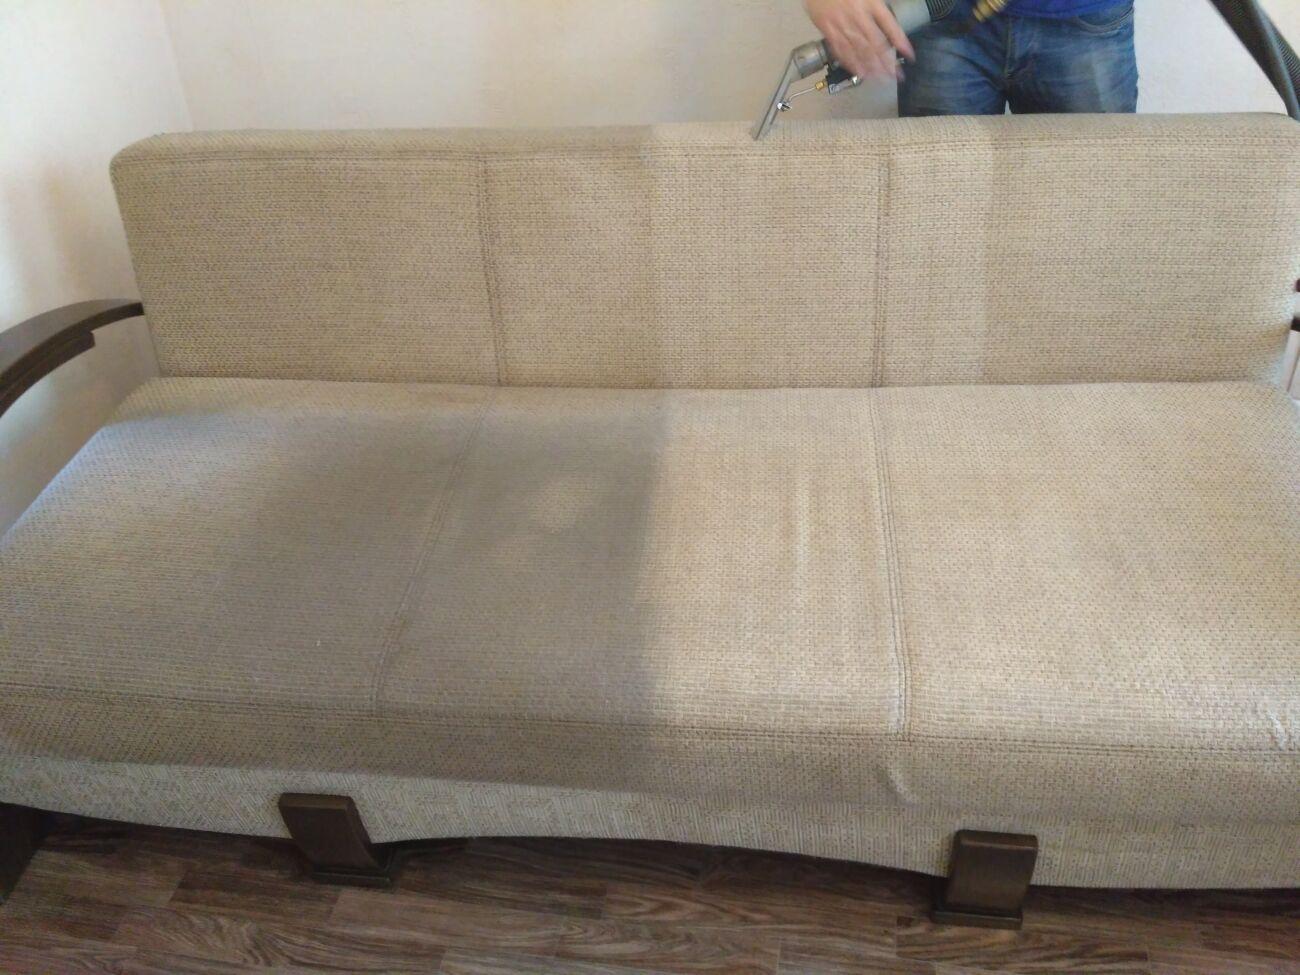 Химчистка мягкой мебели и ковровых покрытий на дому ЛУЧШИЕ ЦЕНЫ!!!